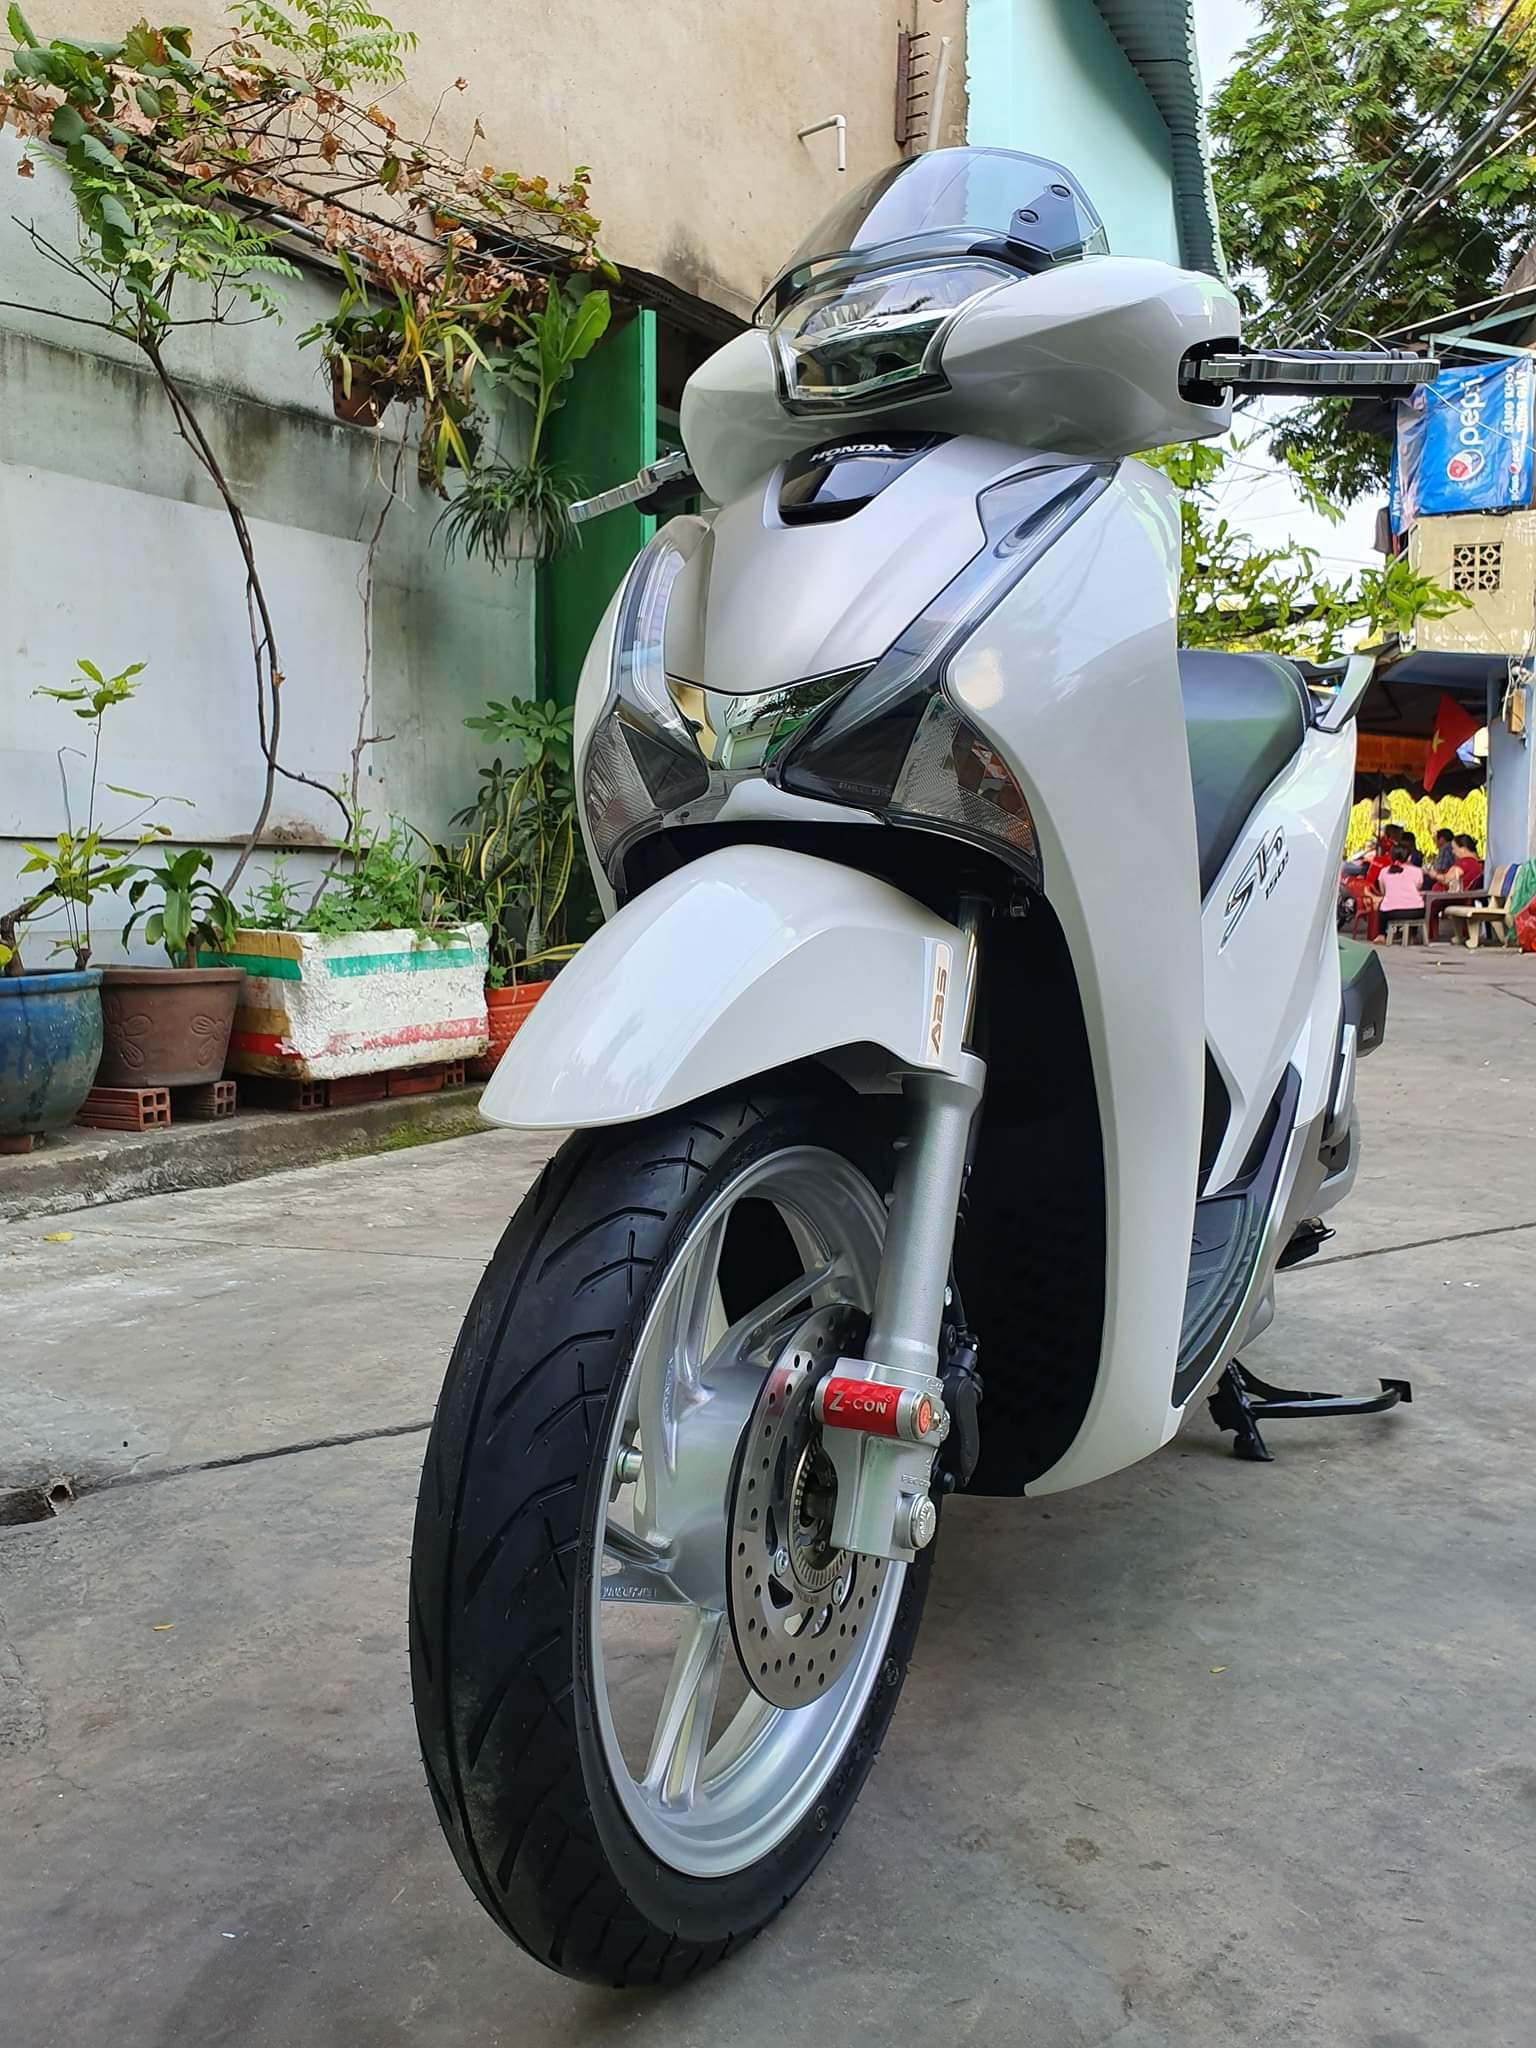 7 SH 150I Màu Trắng Đời 2019 Phanh ABS Mới 100 Xe Nhập Khẩu Trốn Thuế